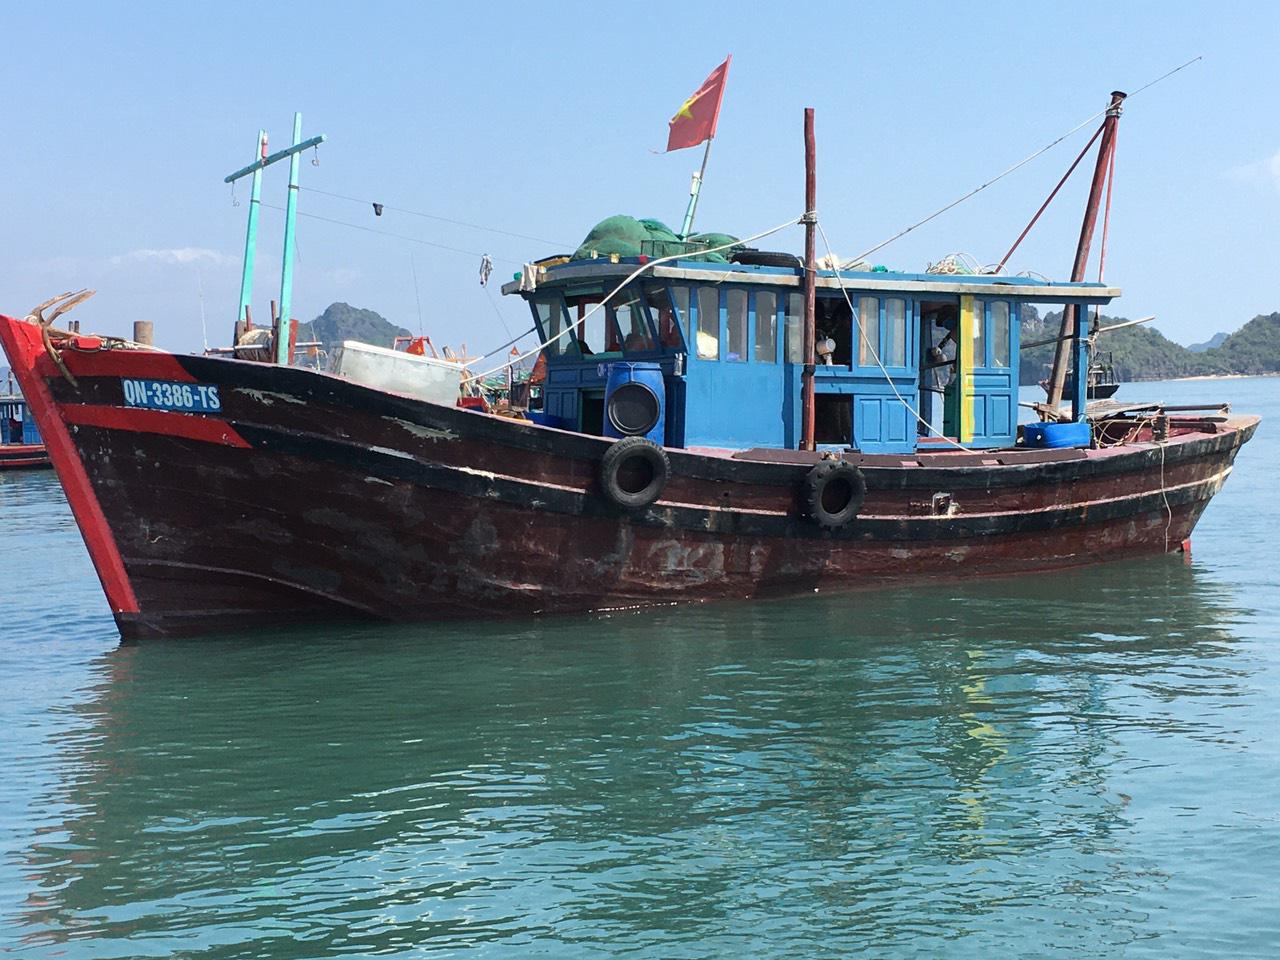 Vụ thi thể vợ chồng ngư dân trôi dạt trên vịnh Bái Tử Long: Có thể do tàu bị đâm va - Ảnh 1.